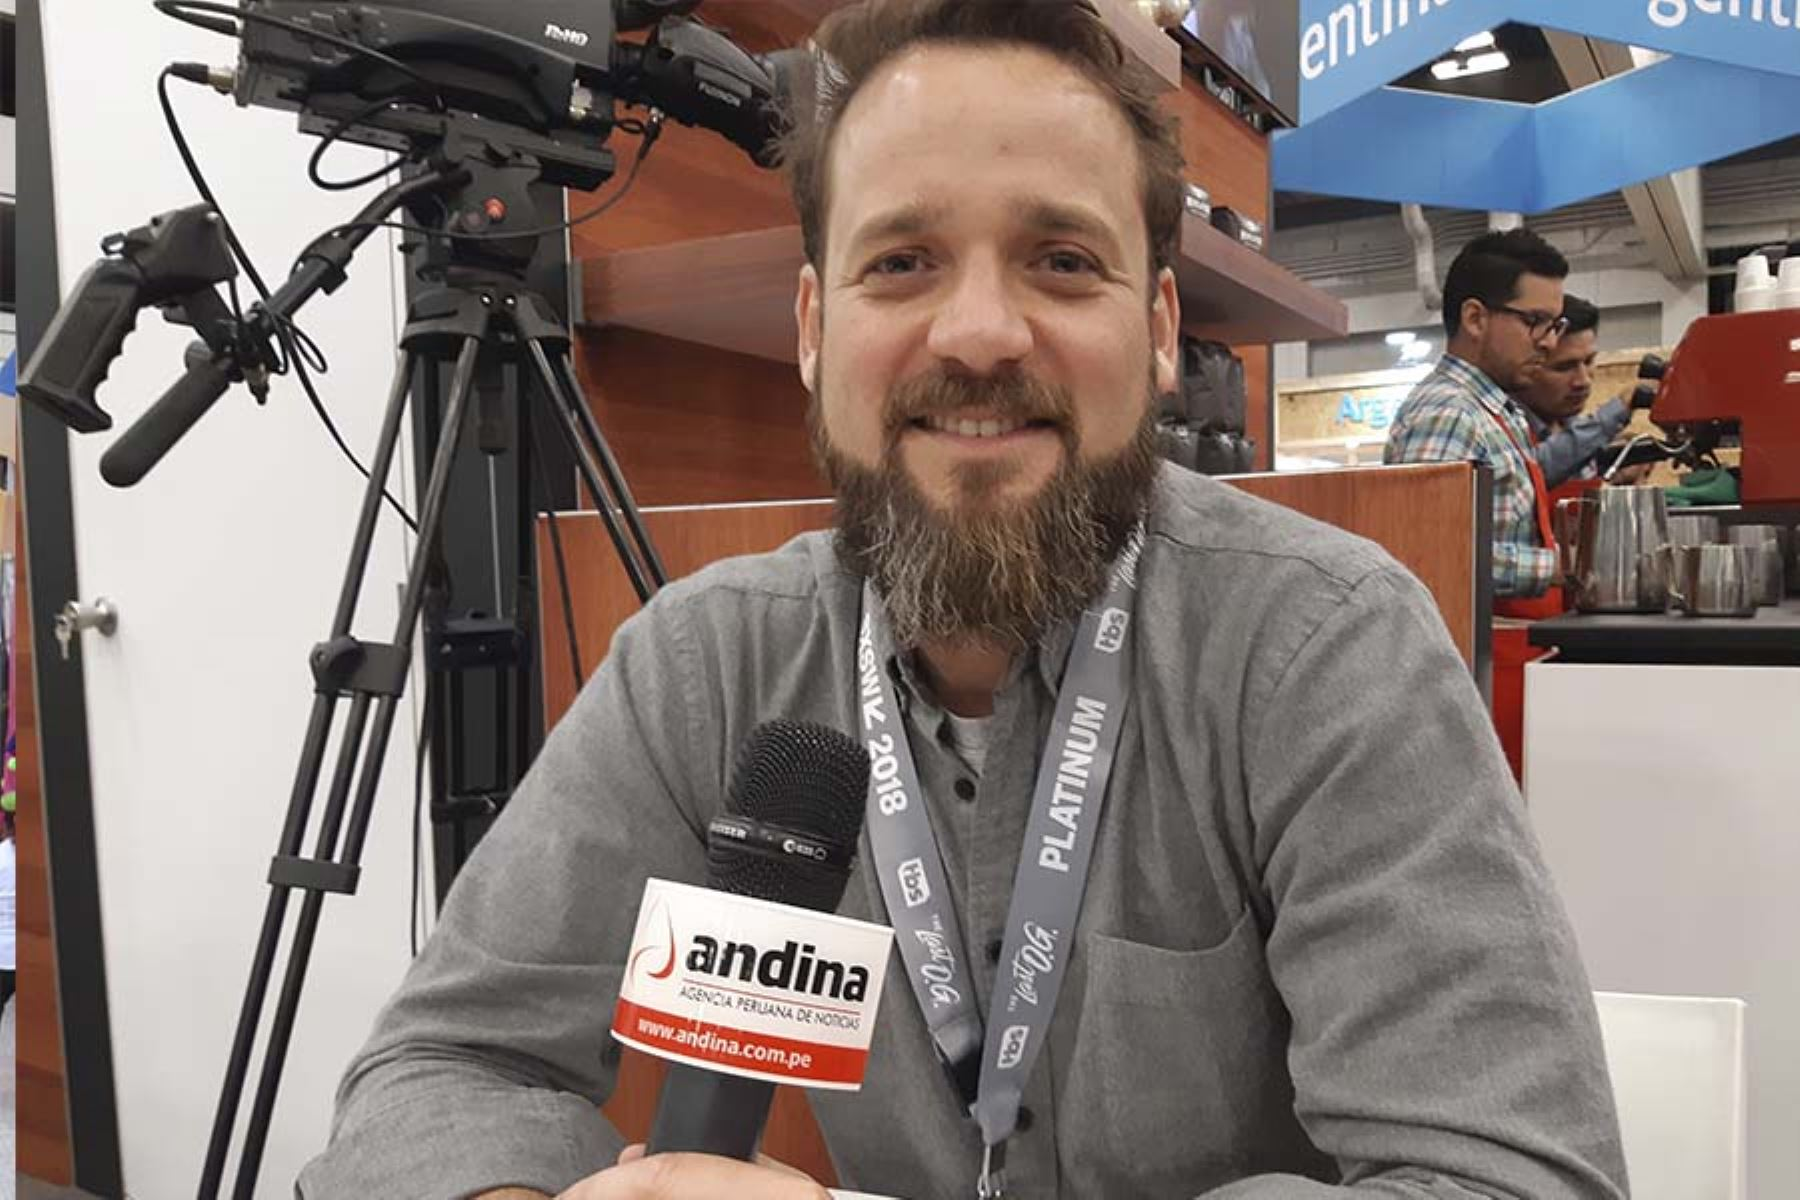 Gonzalo Villarán, director de innovación de Produce, en entrevista con la Agencia Andina. Foto: ANDINA